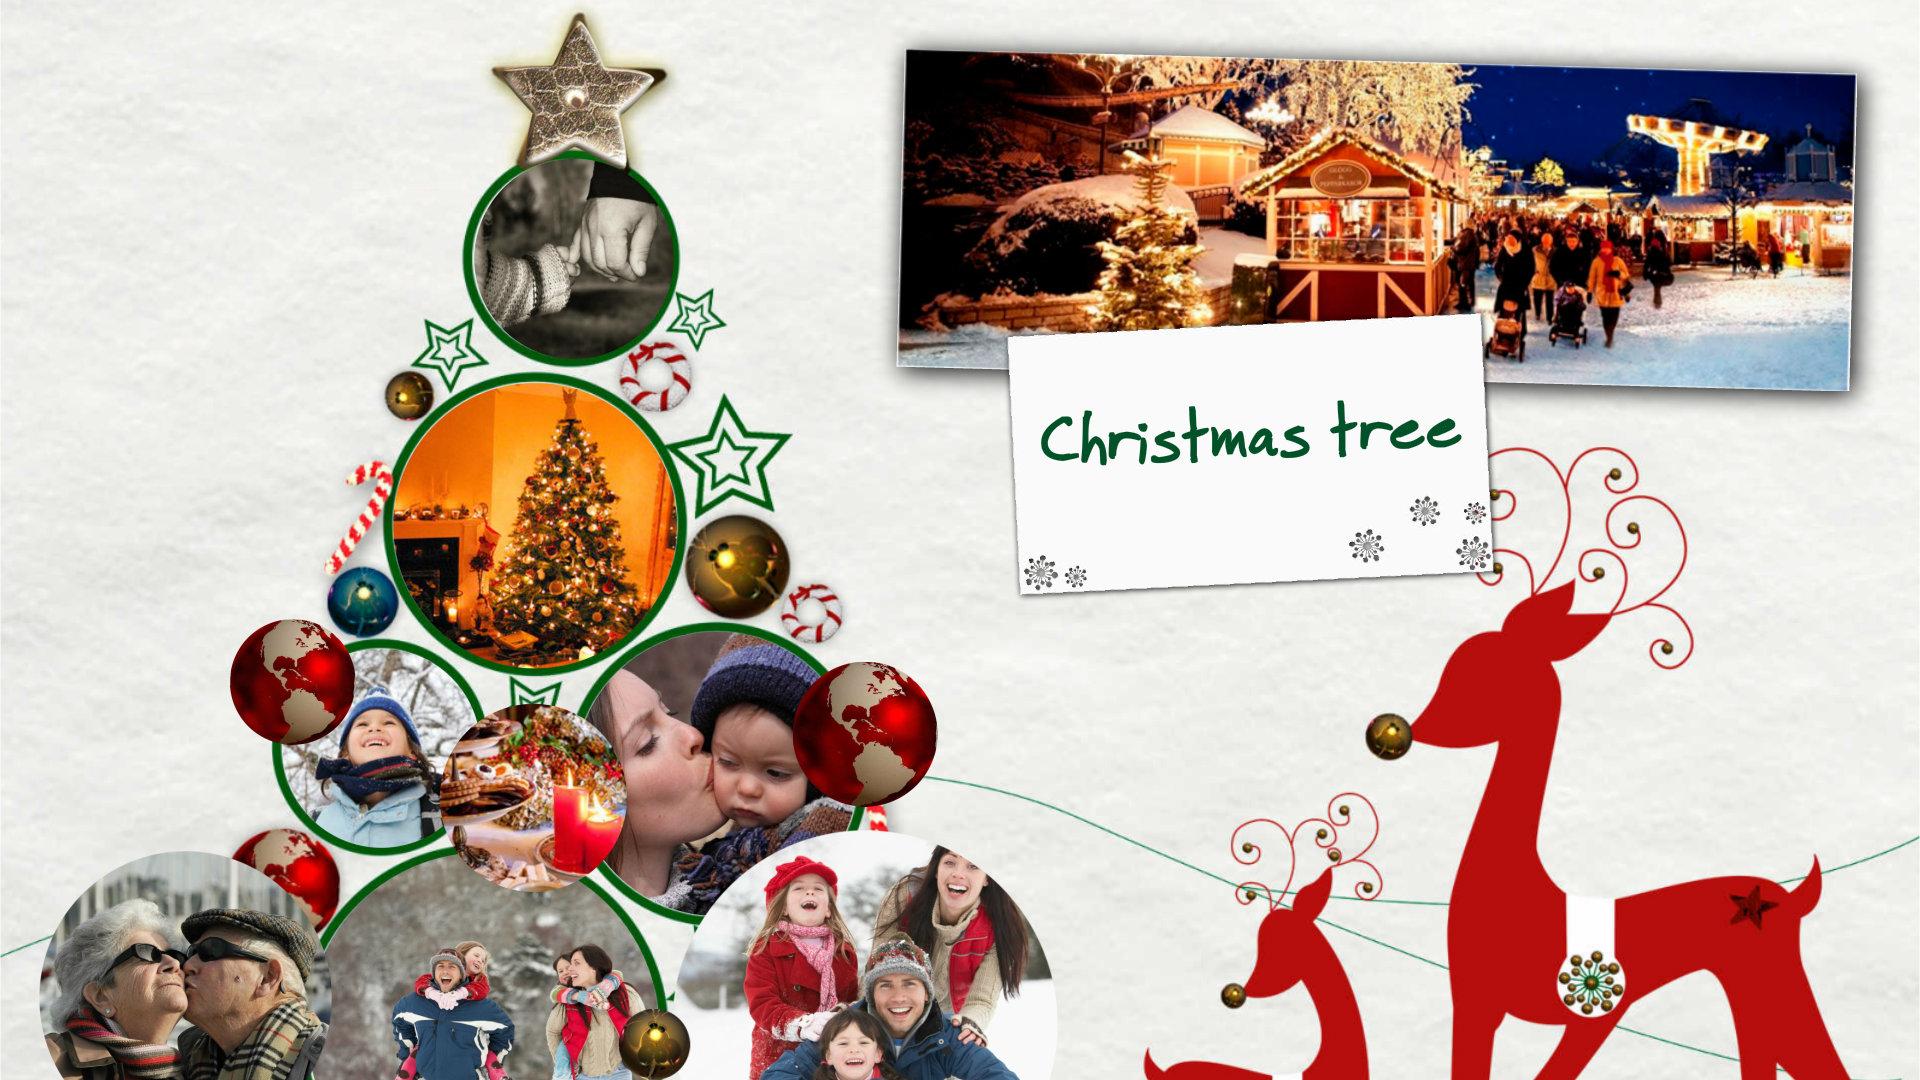 Foto Collage Di Natale.E Card Con La Foto E Collage Albero Di Natale